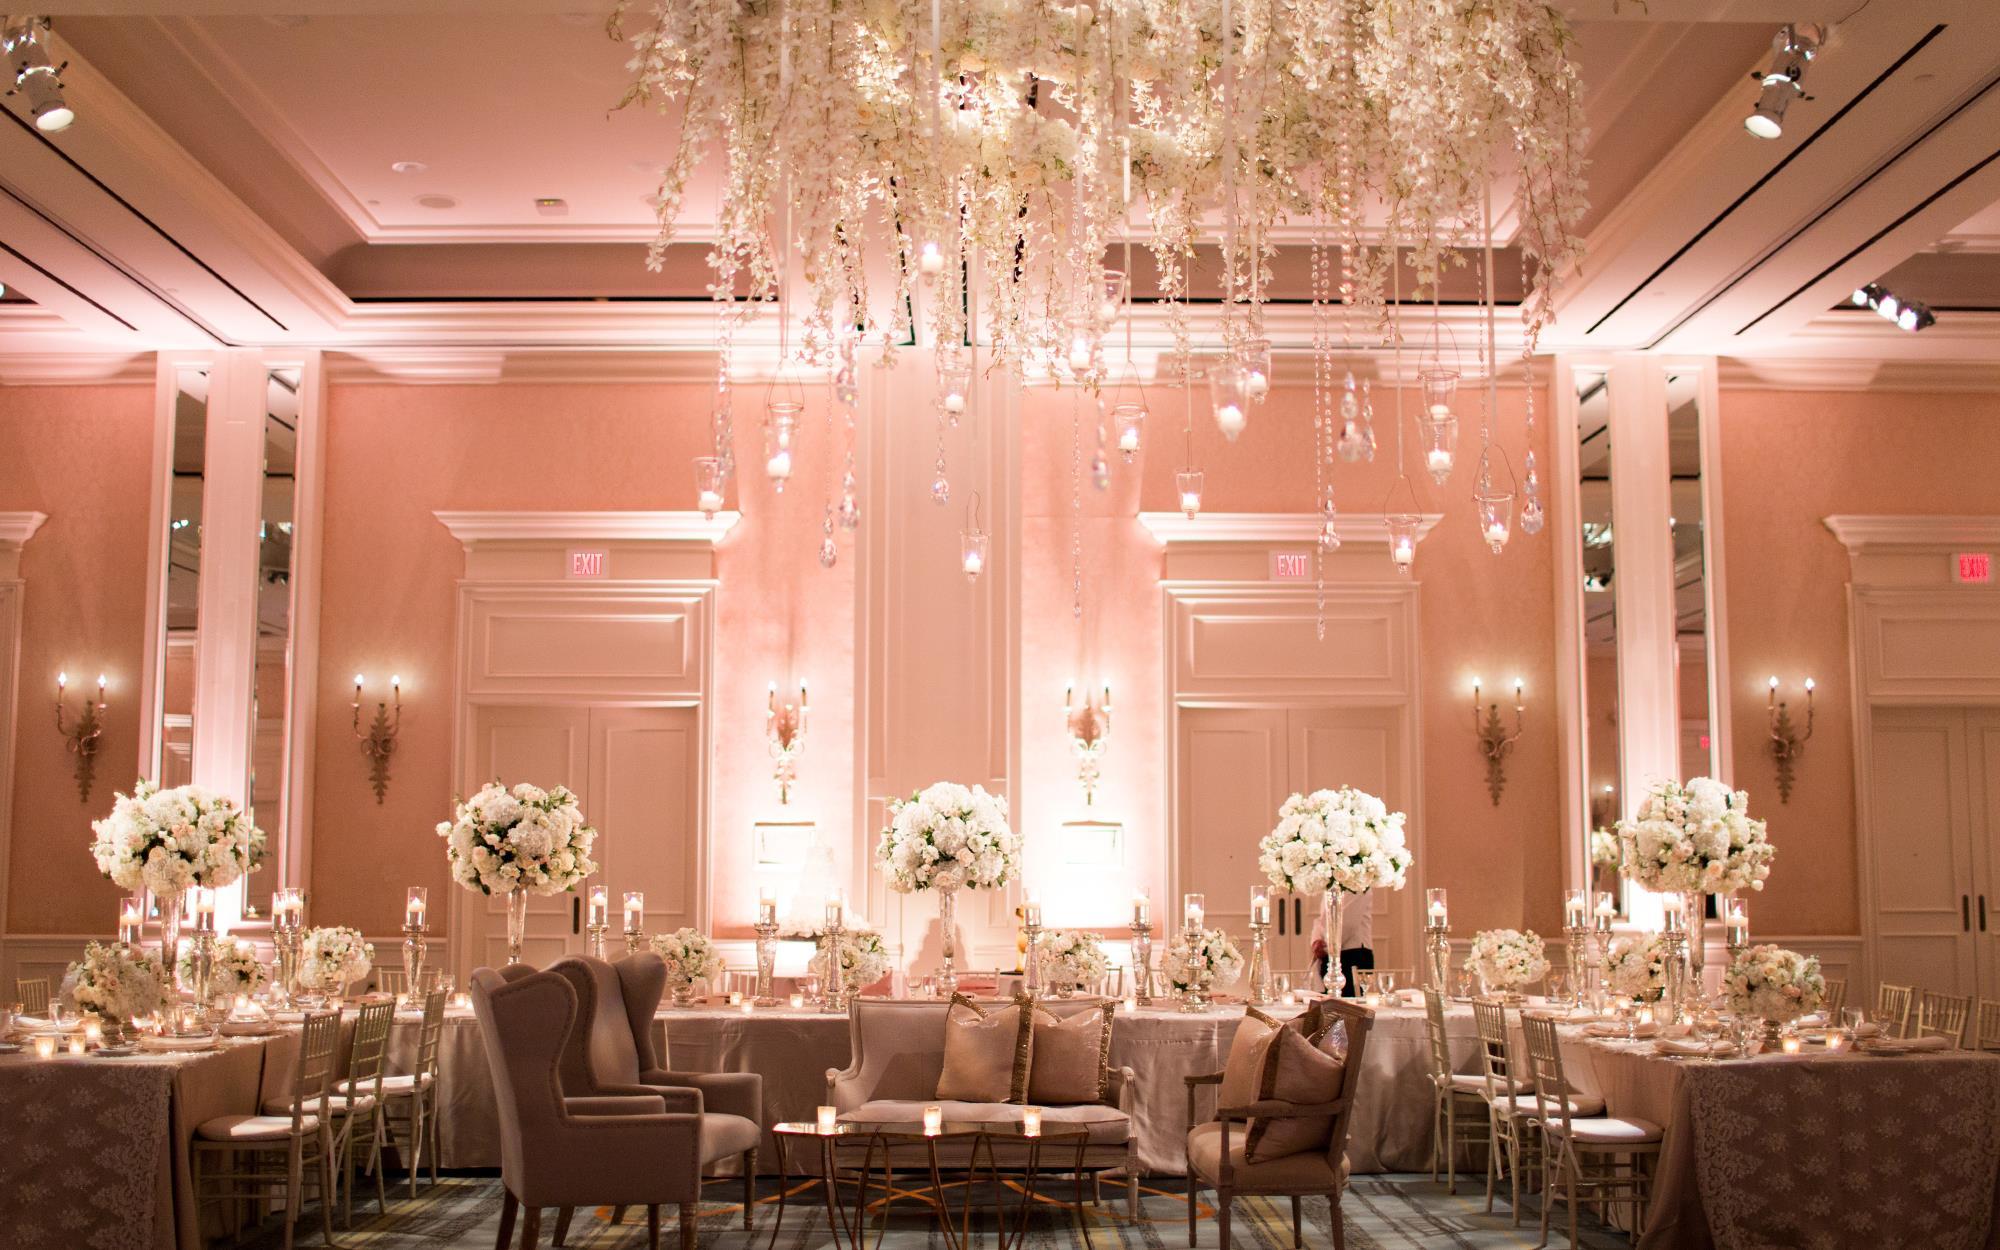 Blush Room Uplighting